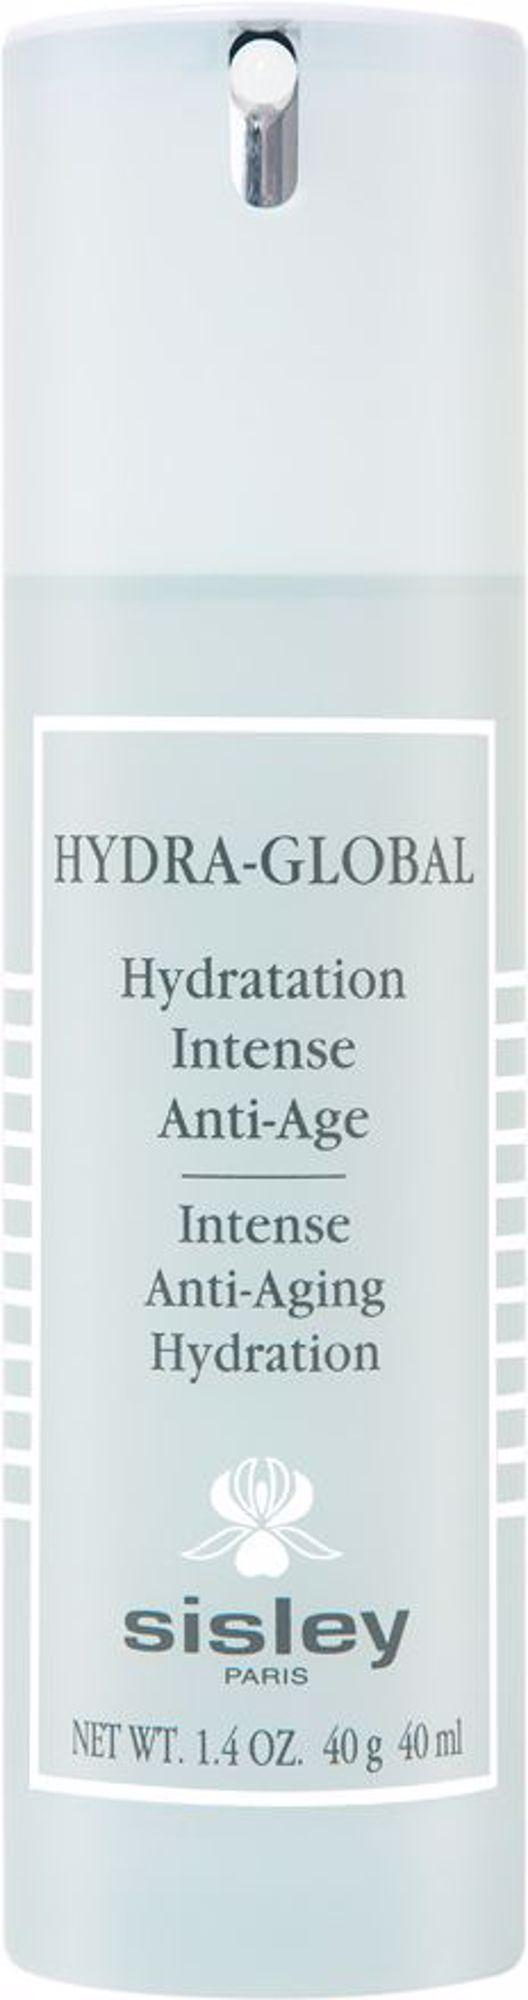 Hydra Global